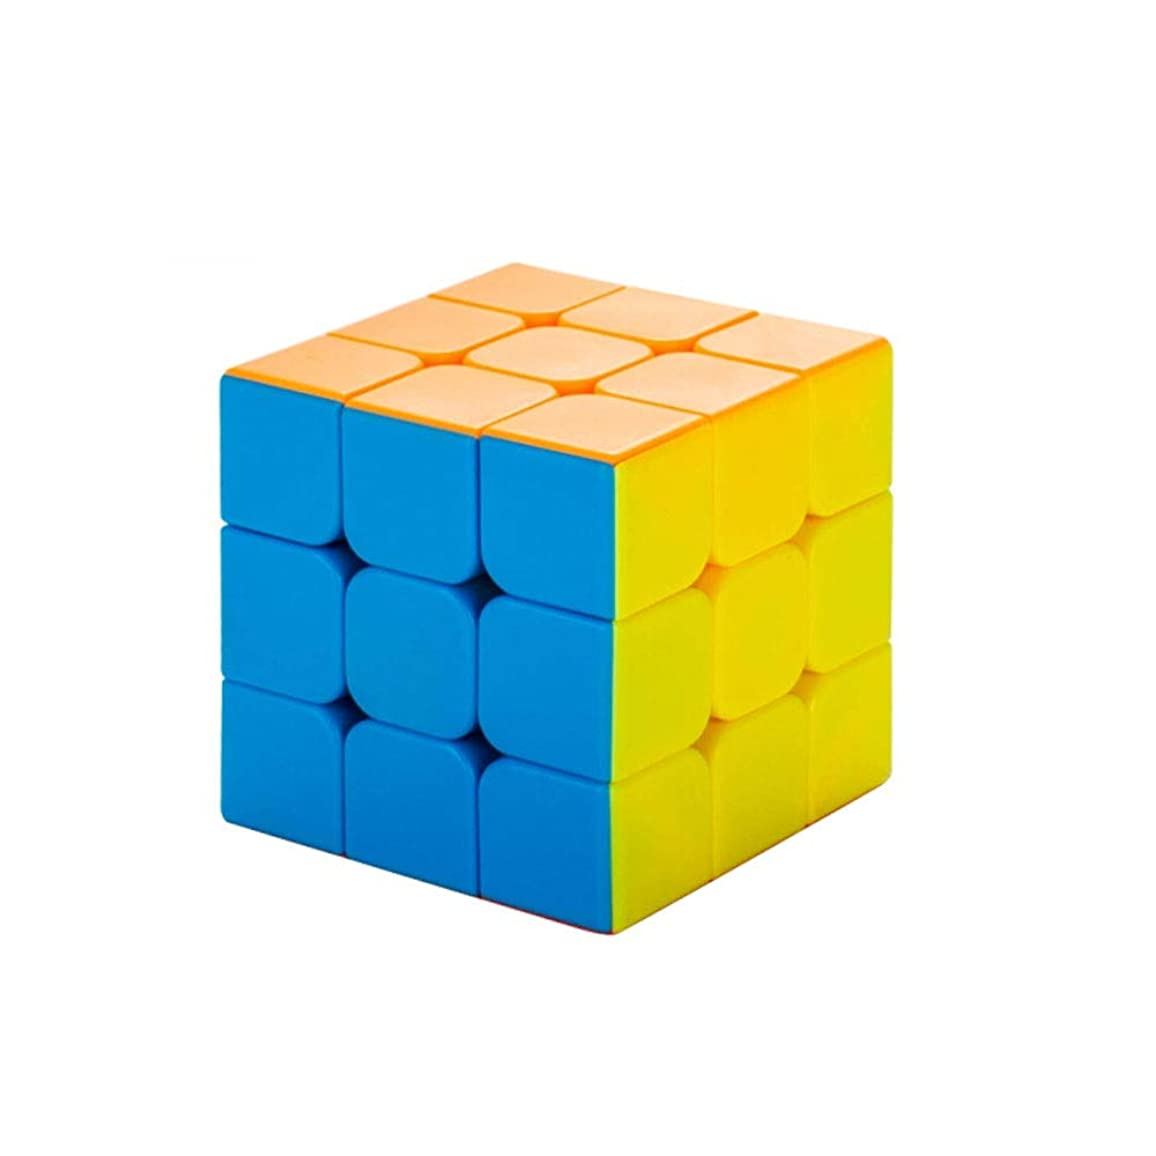 すべきバッジ事件、出来事Qiyuezhuangshi ルービックキューブ、ゲーム用ピュアソリッドカラーキューブ、知能開発のための良い選択(3次/ 4次) ファッション (Edition : Third-order)